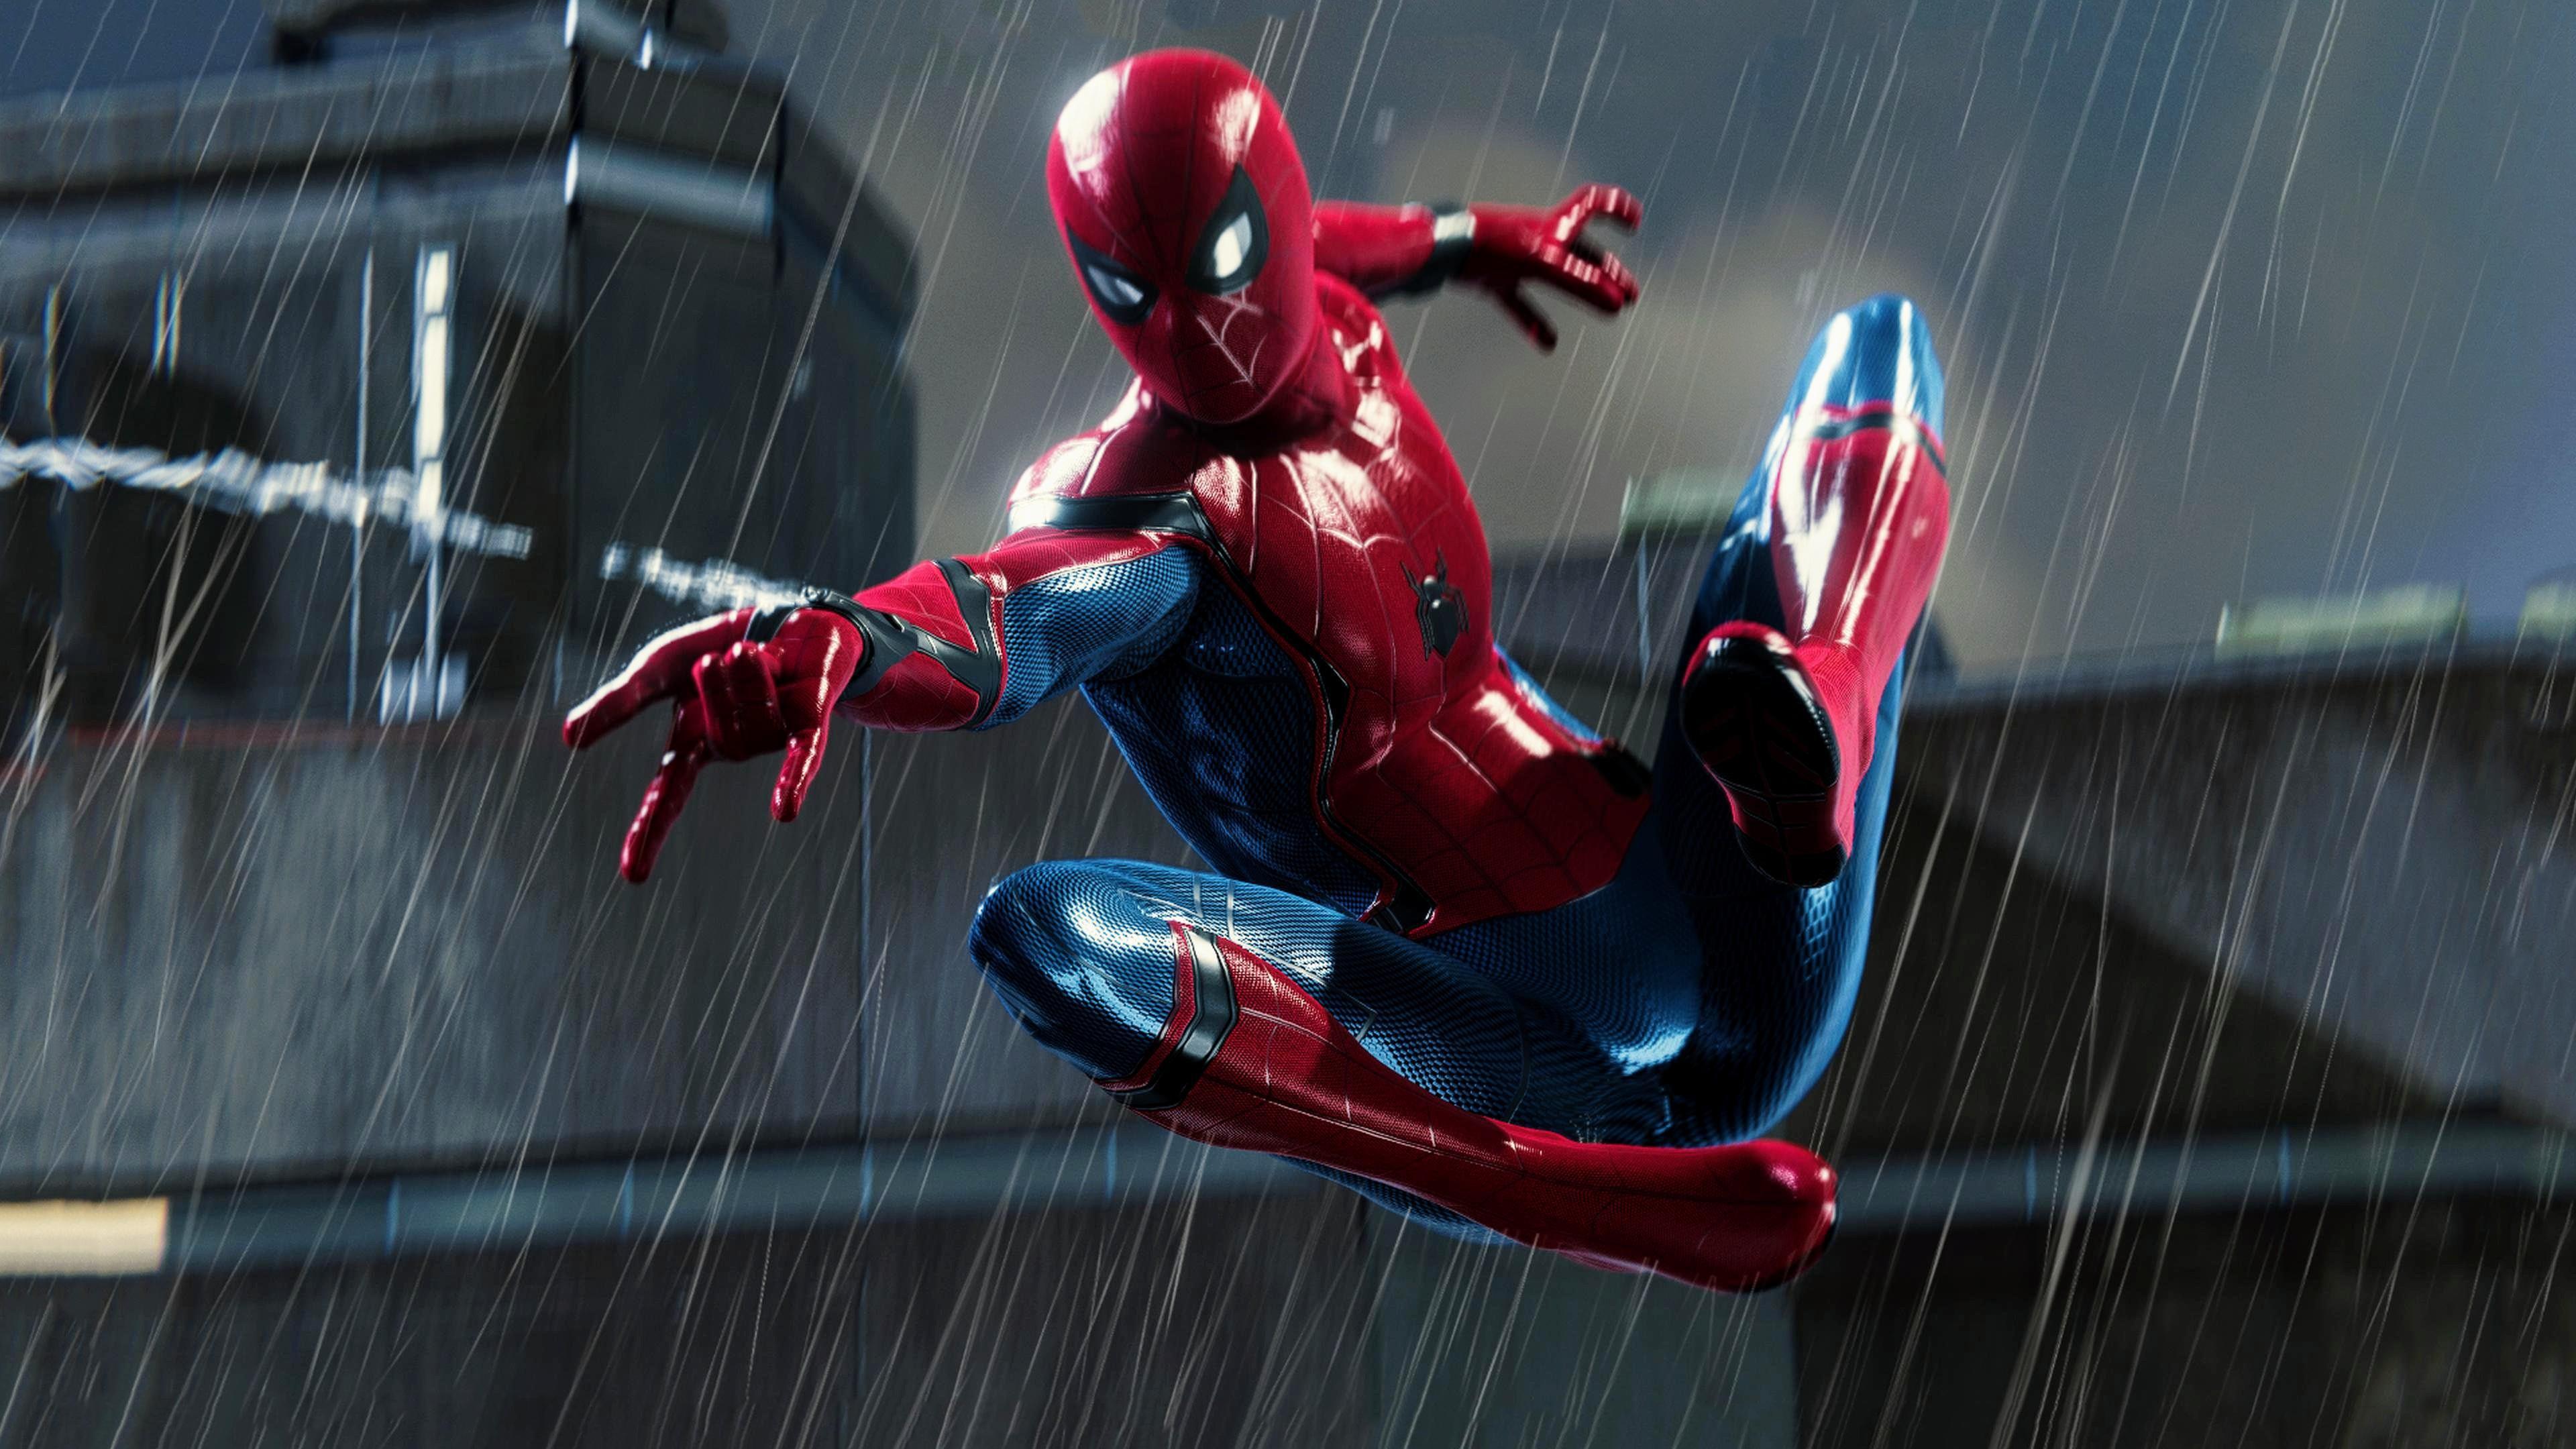 Spiderman 4k 2018 Artwork, HD Superheroes, 4k Wallpapers ...